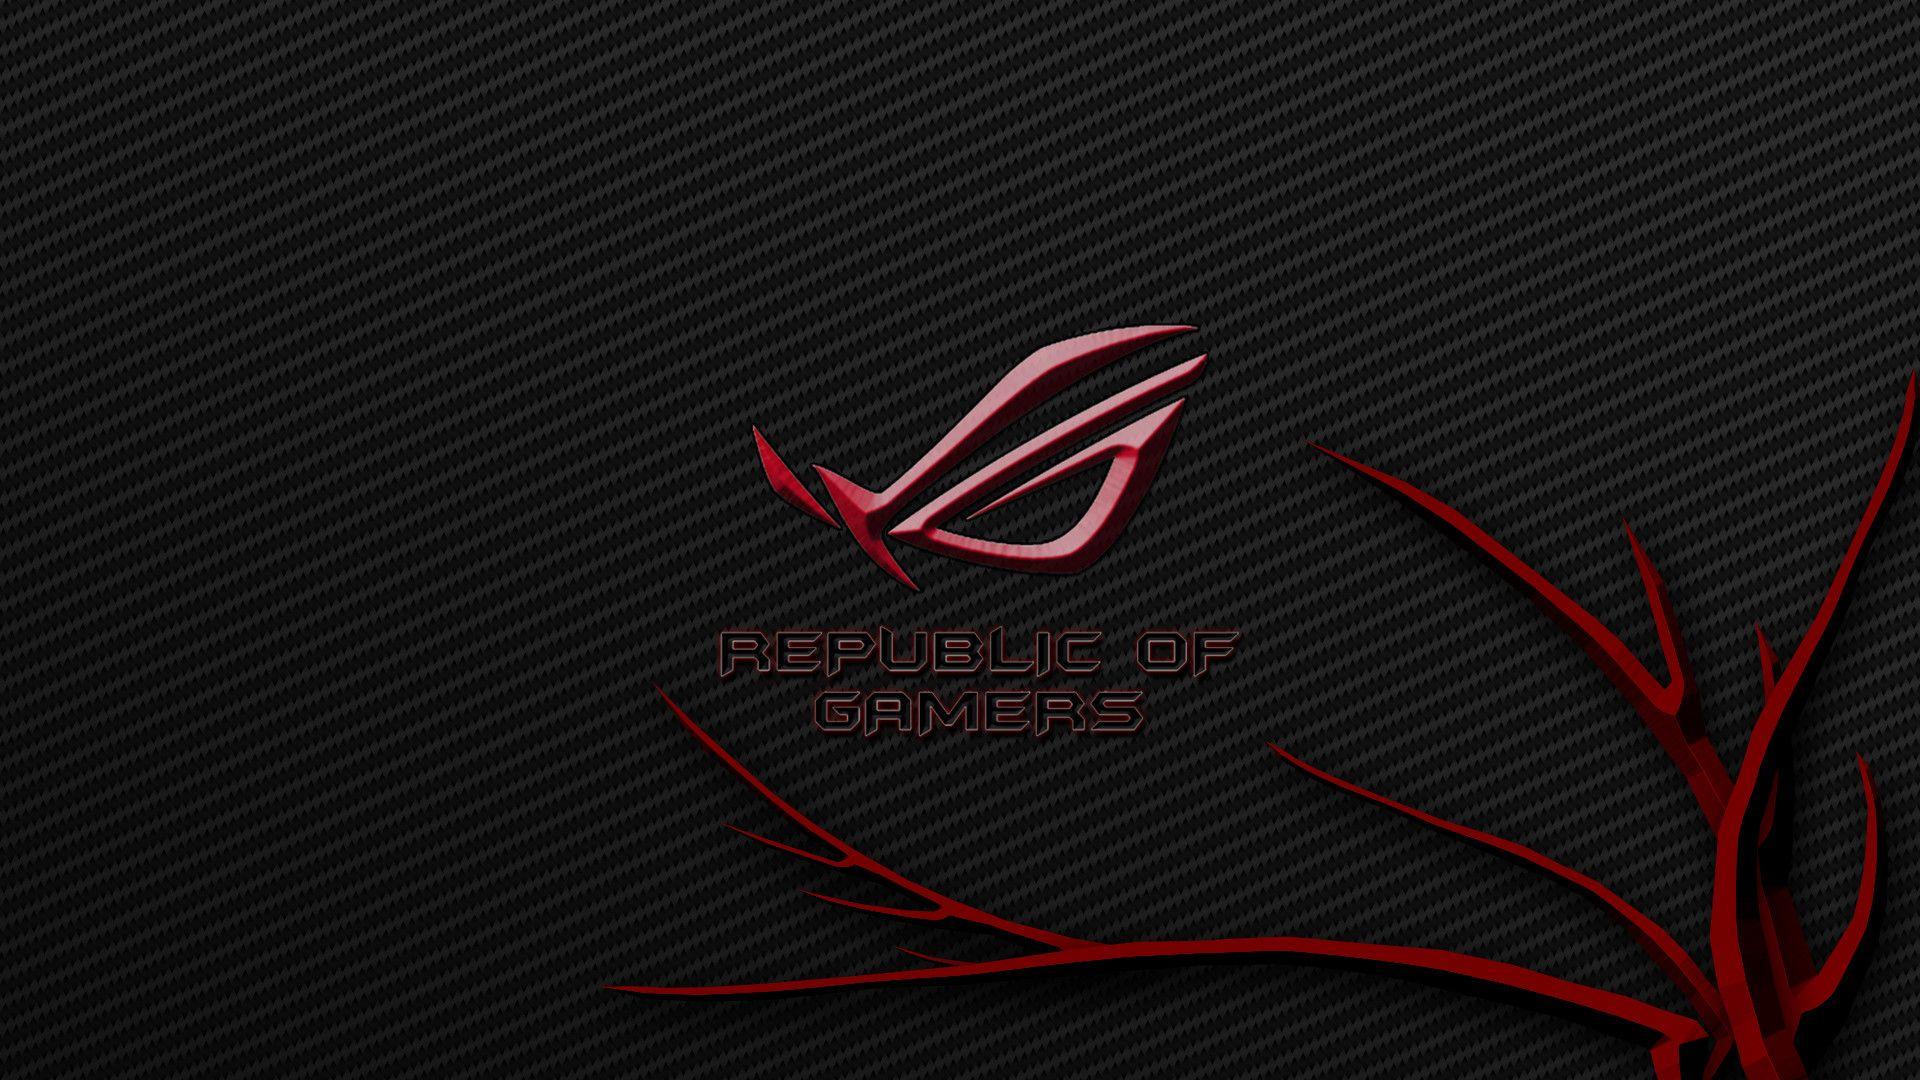 Asus Mobile Wallpaper: Republic Of Gamers Wallpaper HD